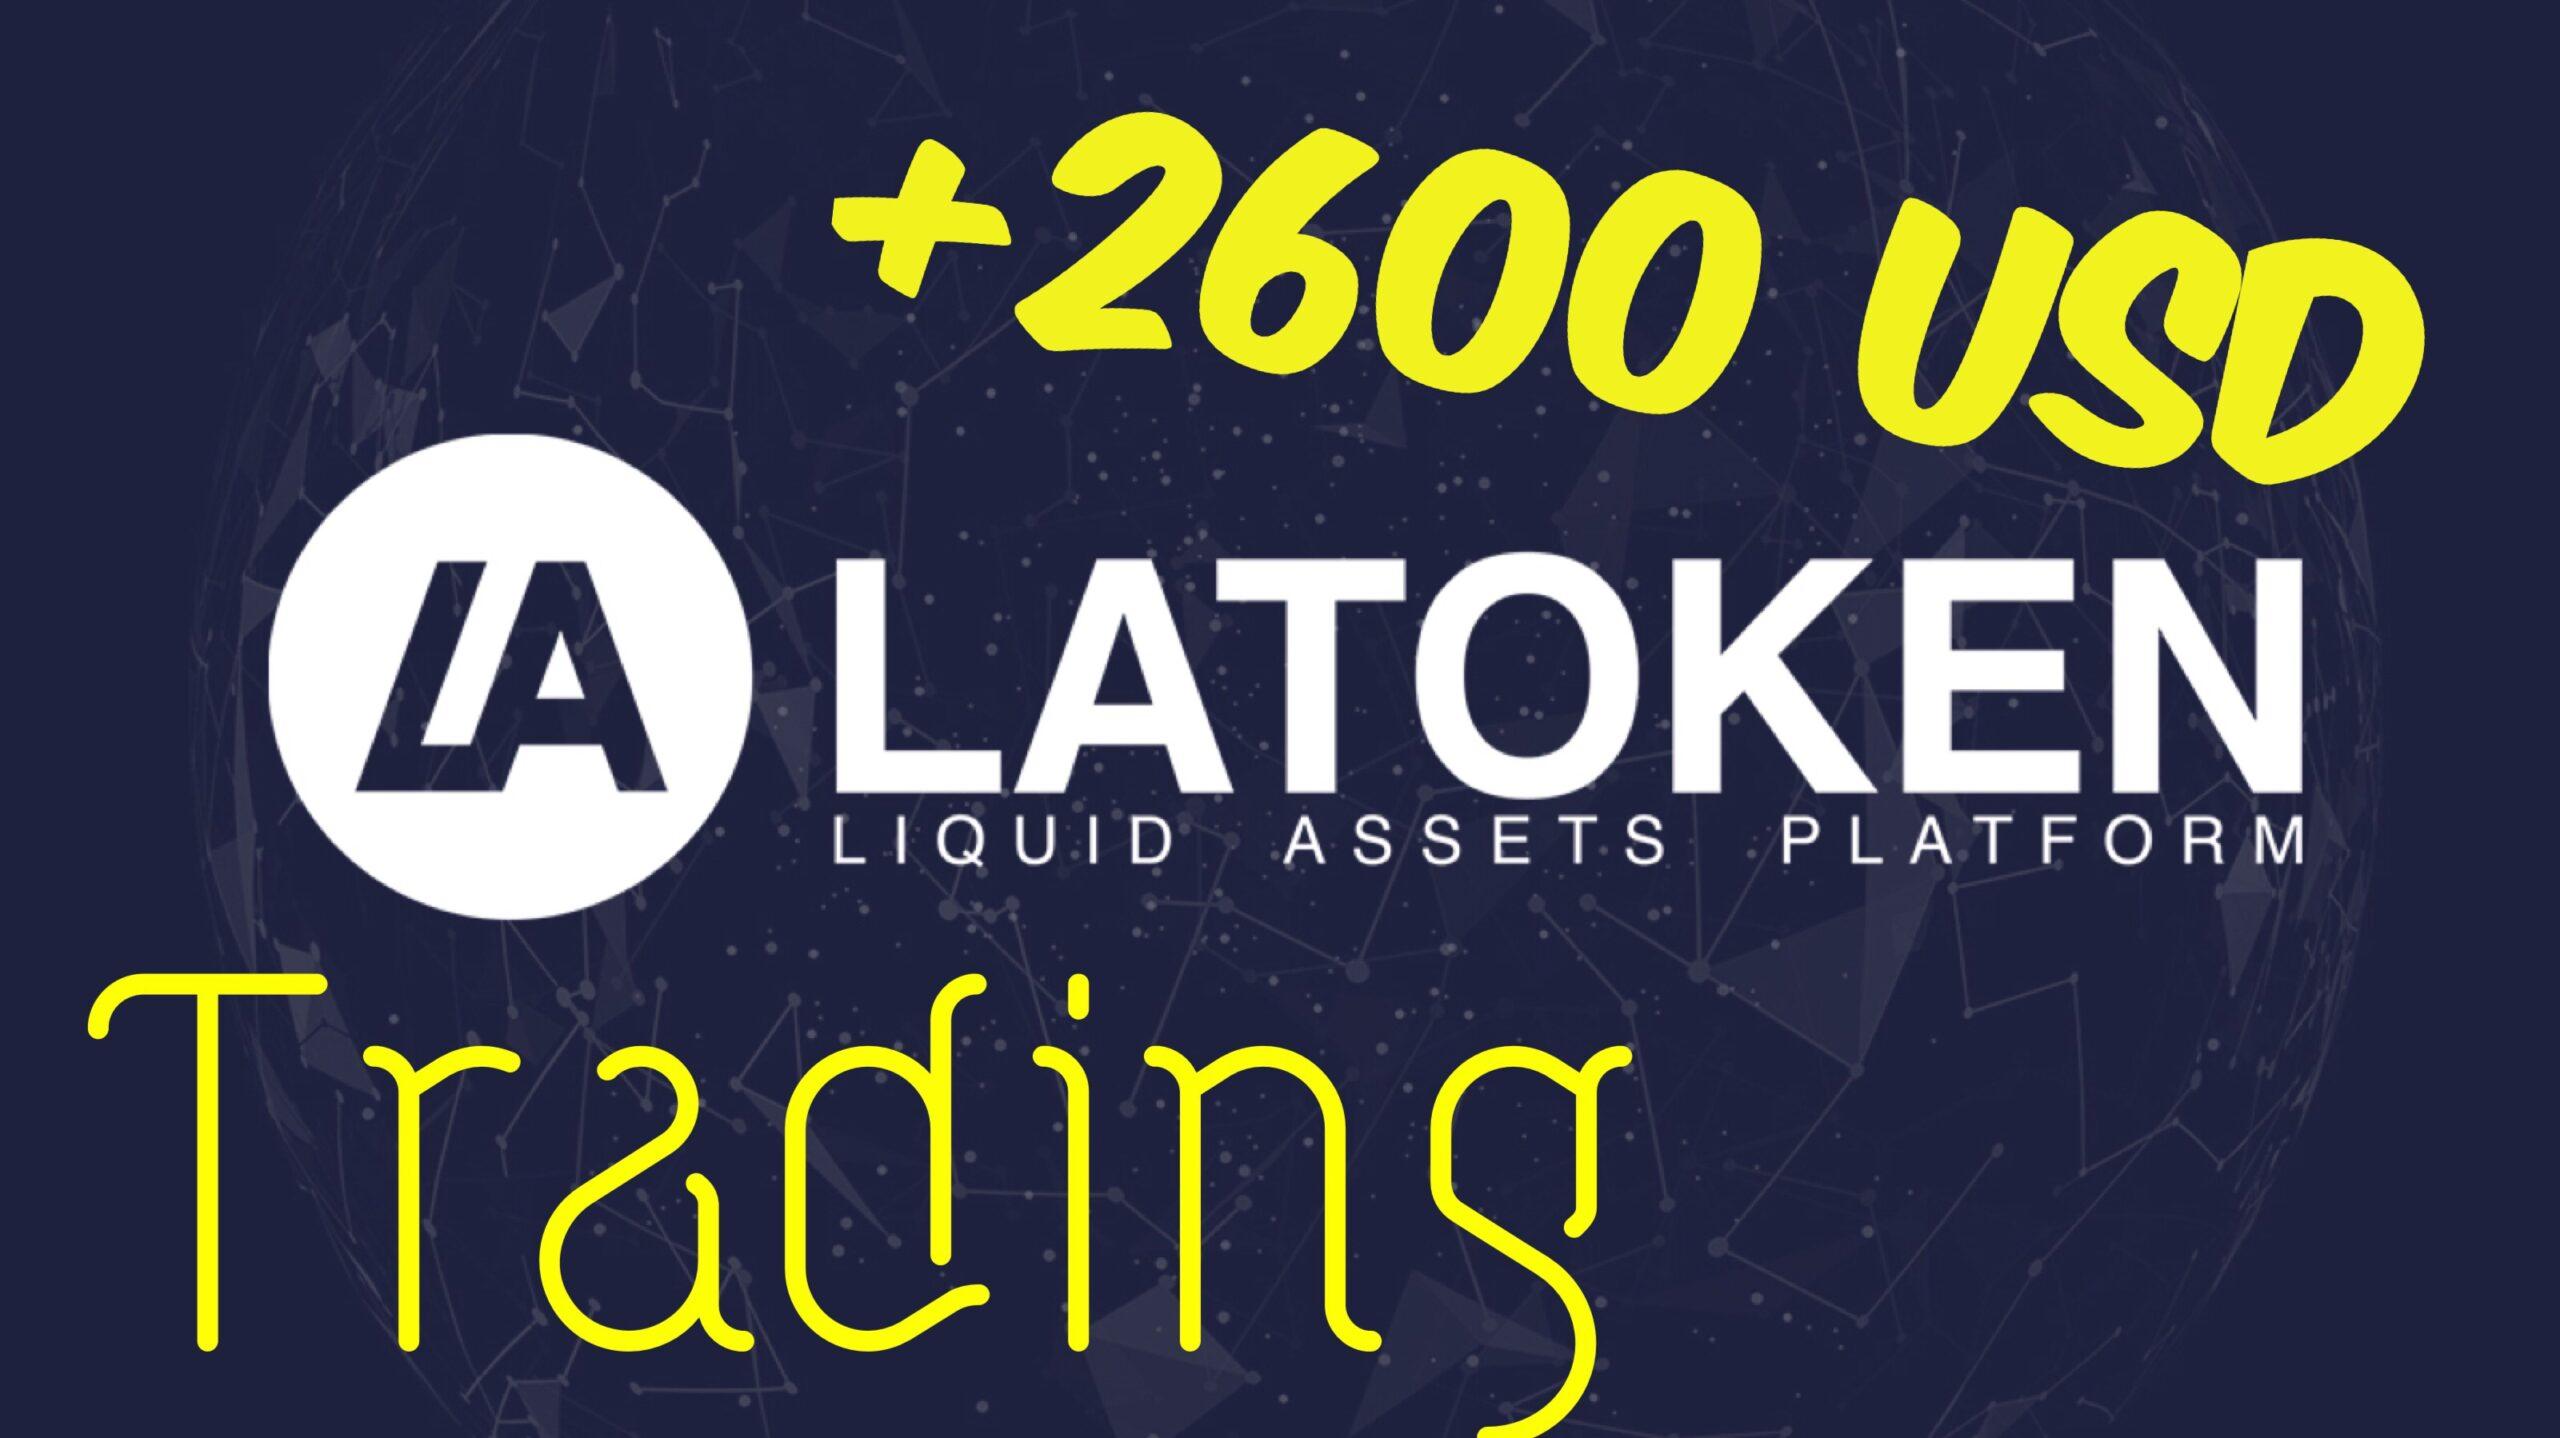 En este momento estás viendo 2600 usd en 1 mes haciendo Trading en LAToken